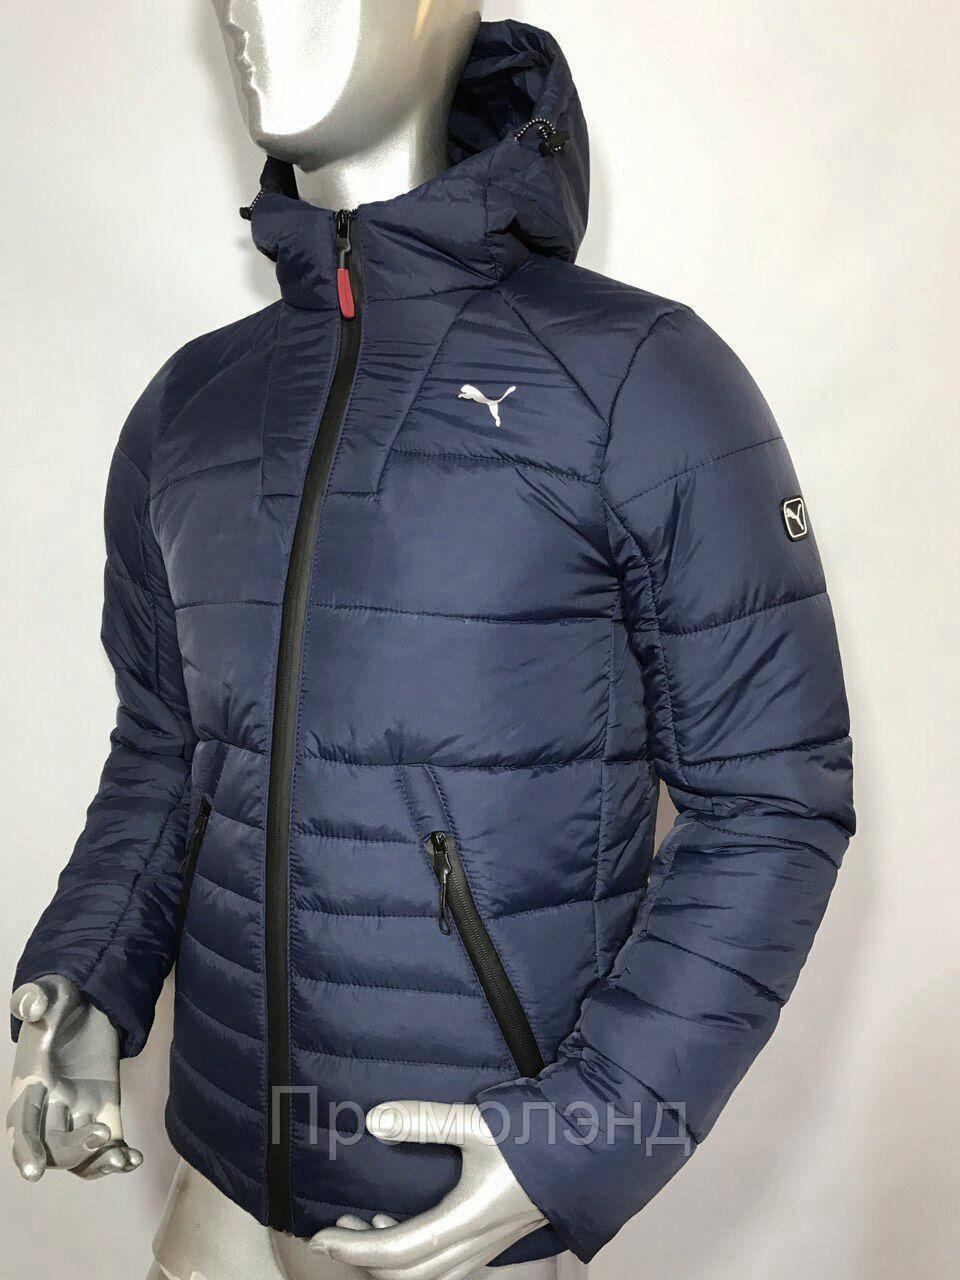 5e3c83705a32 Купить Мужские куртки Puma из плащевки копия в Одессе от компании ...